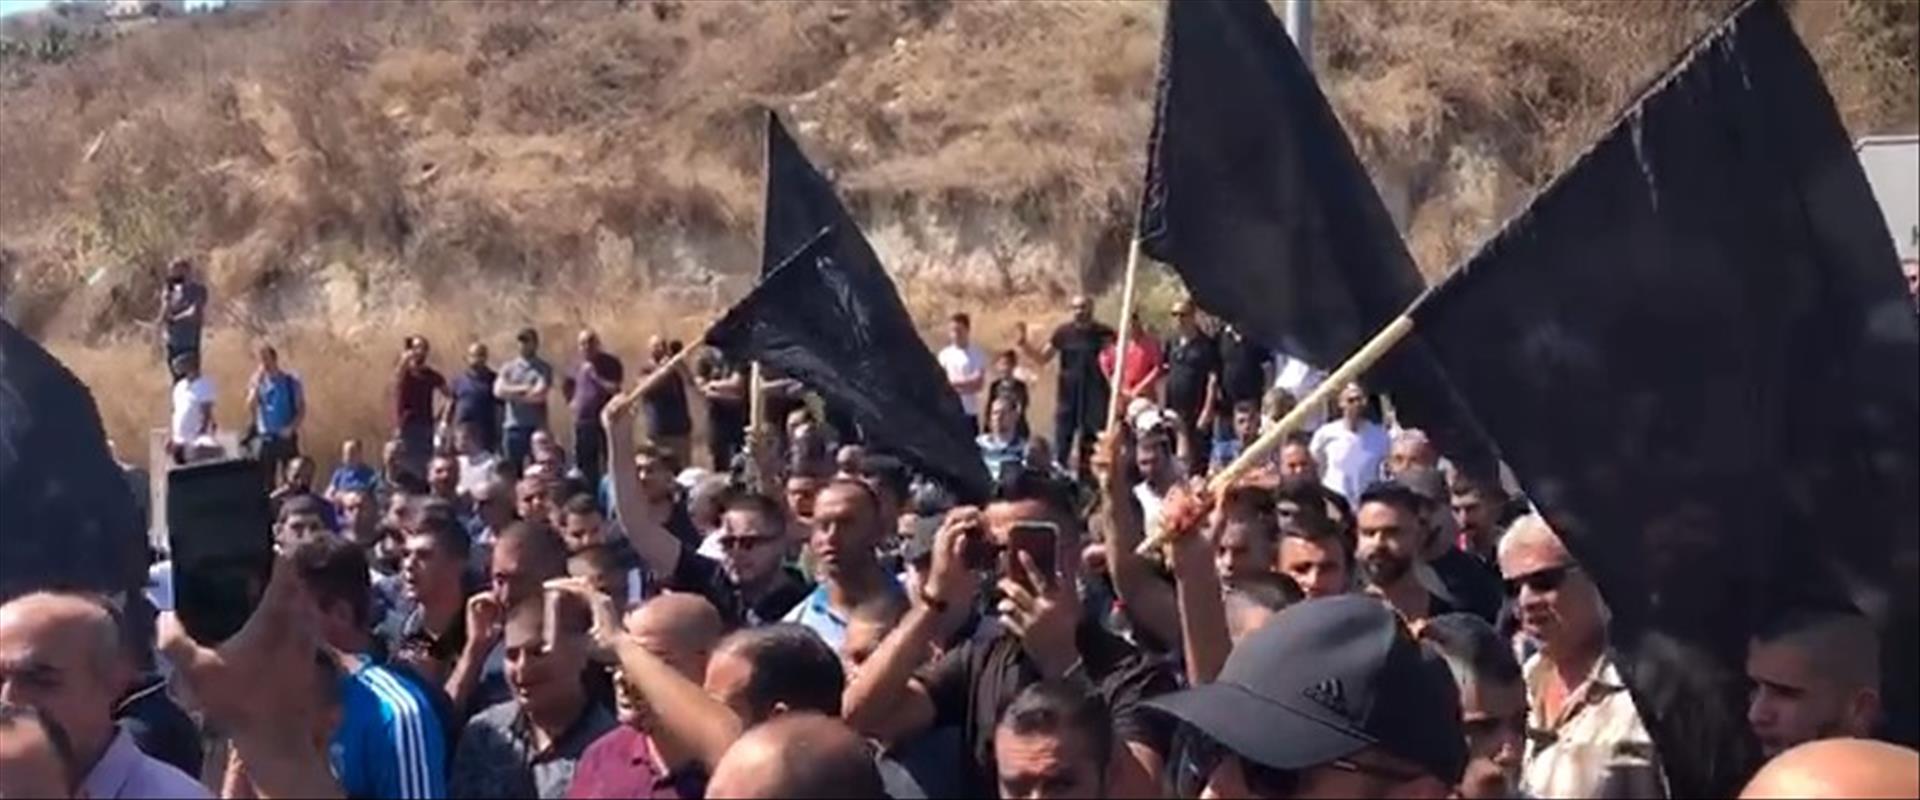 מפגינים בצומת אום אל פחם